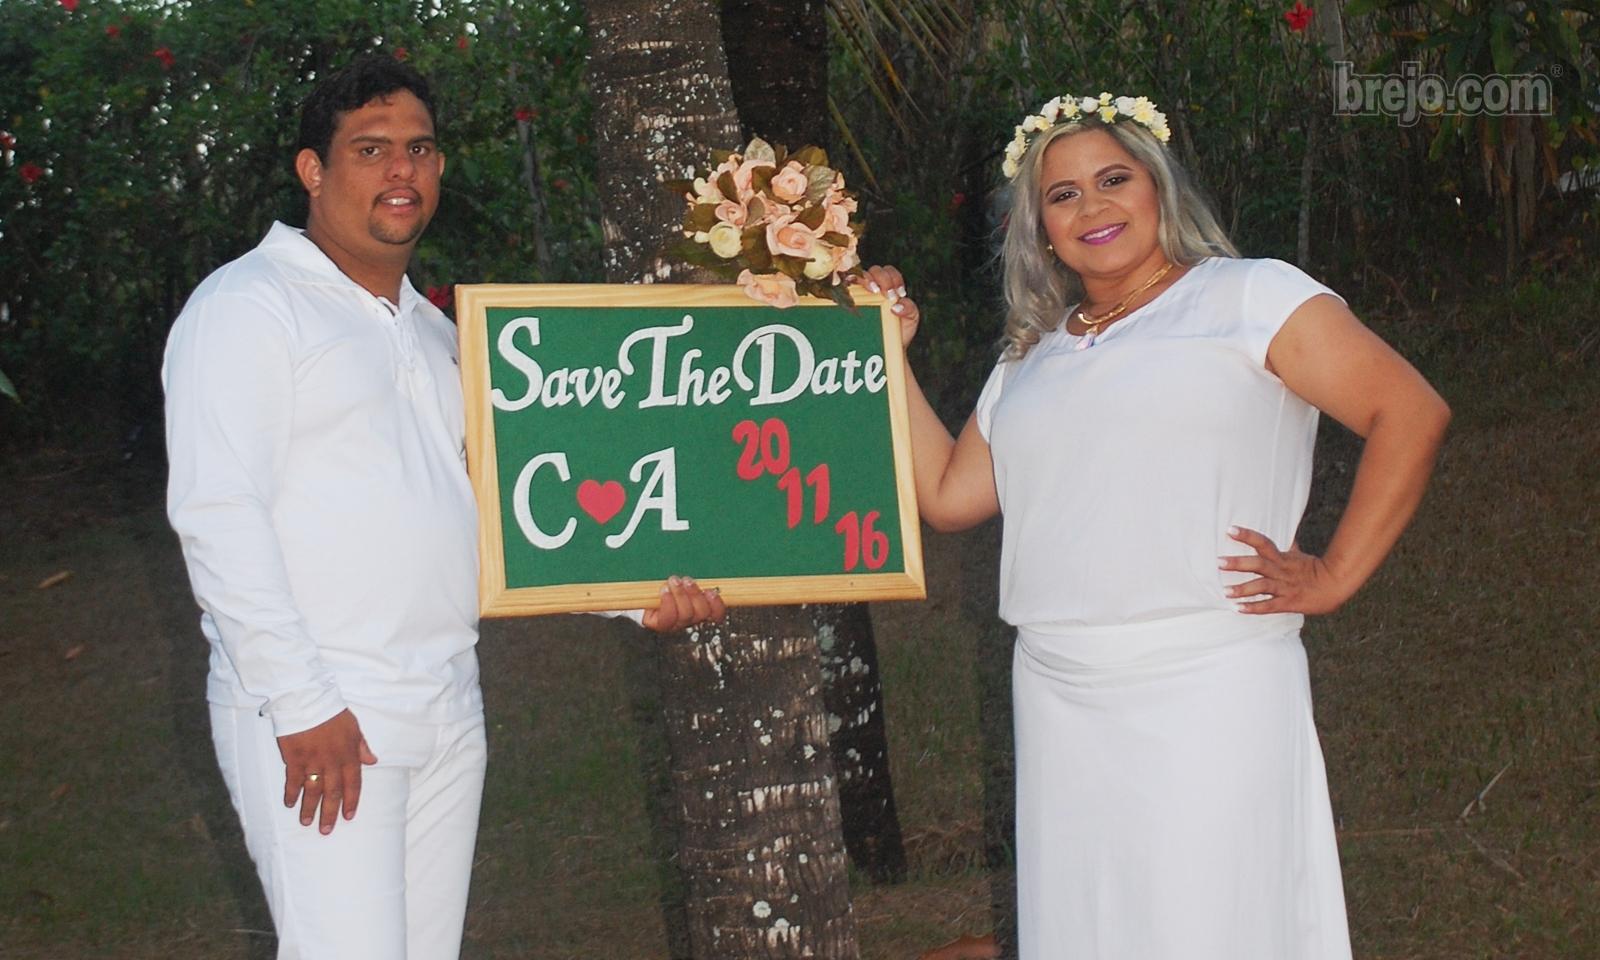 claudiana_pre-casamento__capa_brejocom